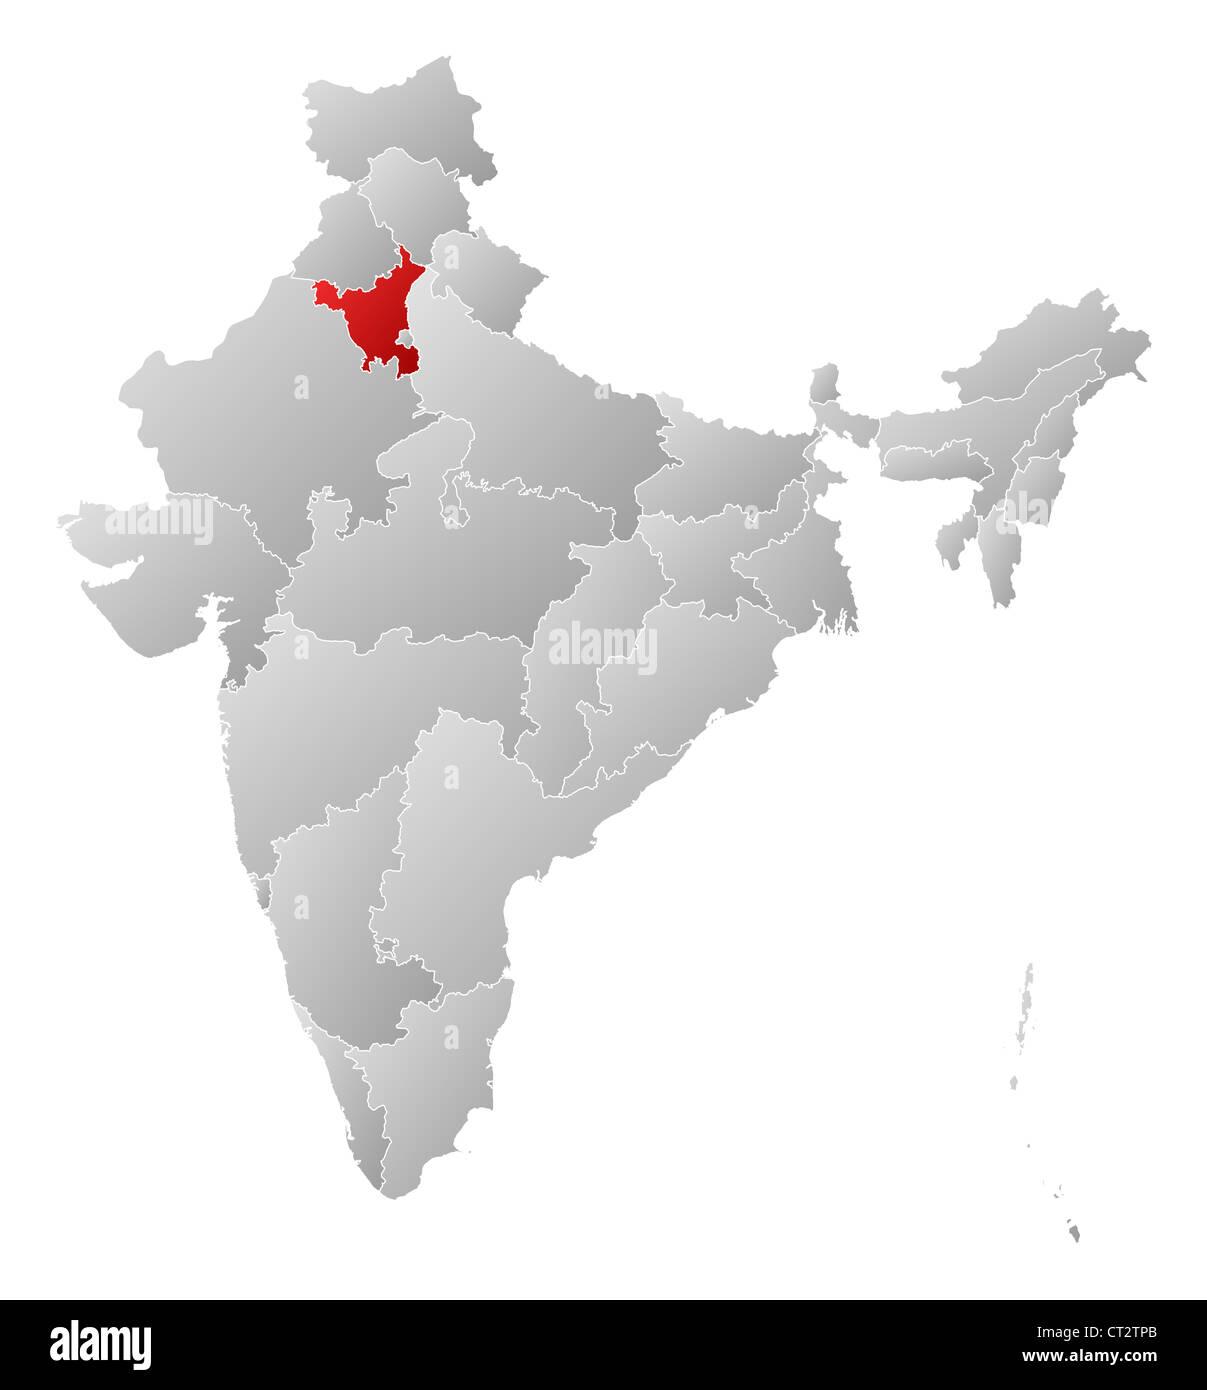 Haryana India Map.Haryana Map Stock Photos Haryana Map Stock Images Alamy